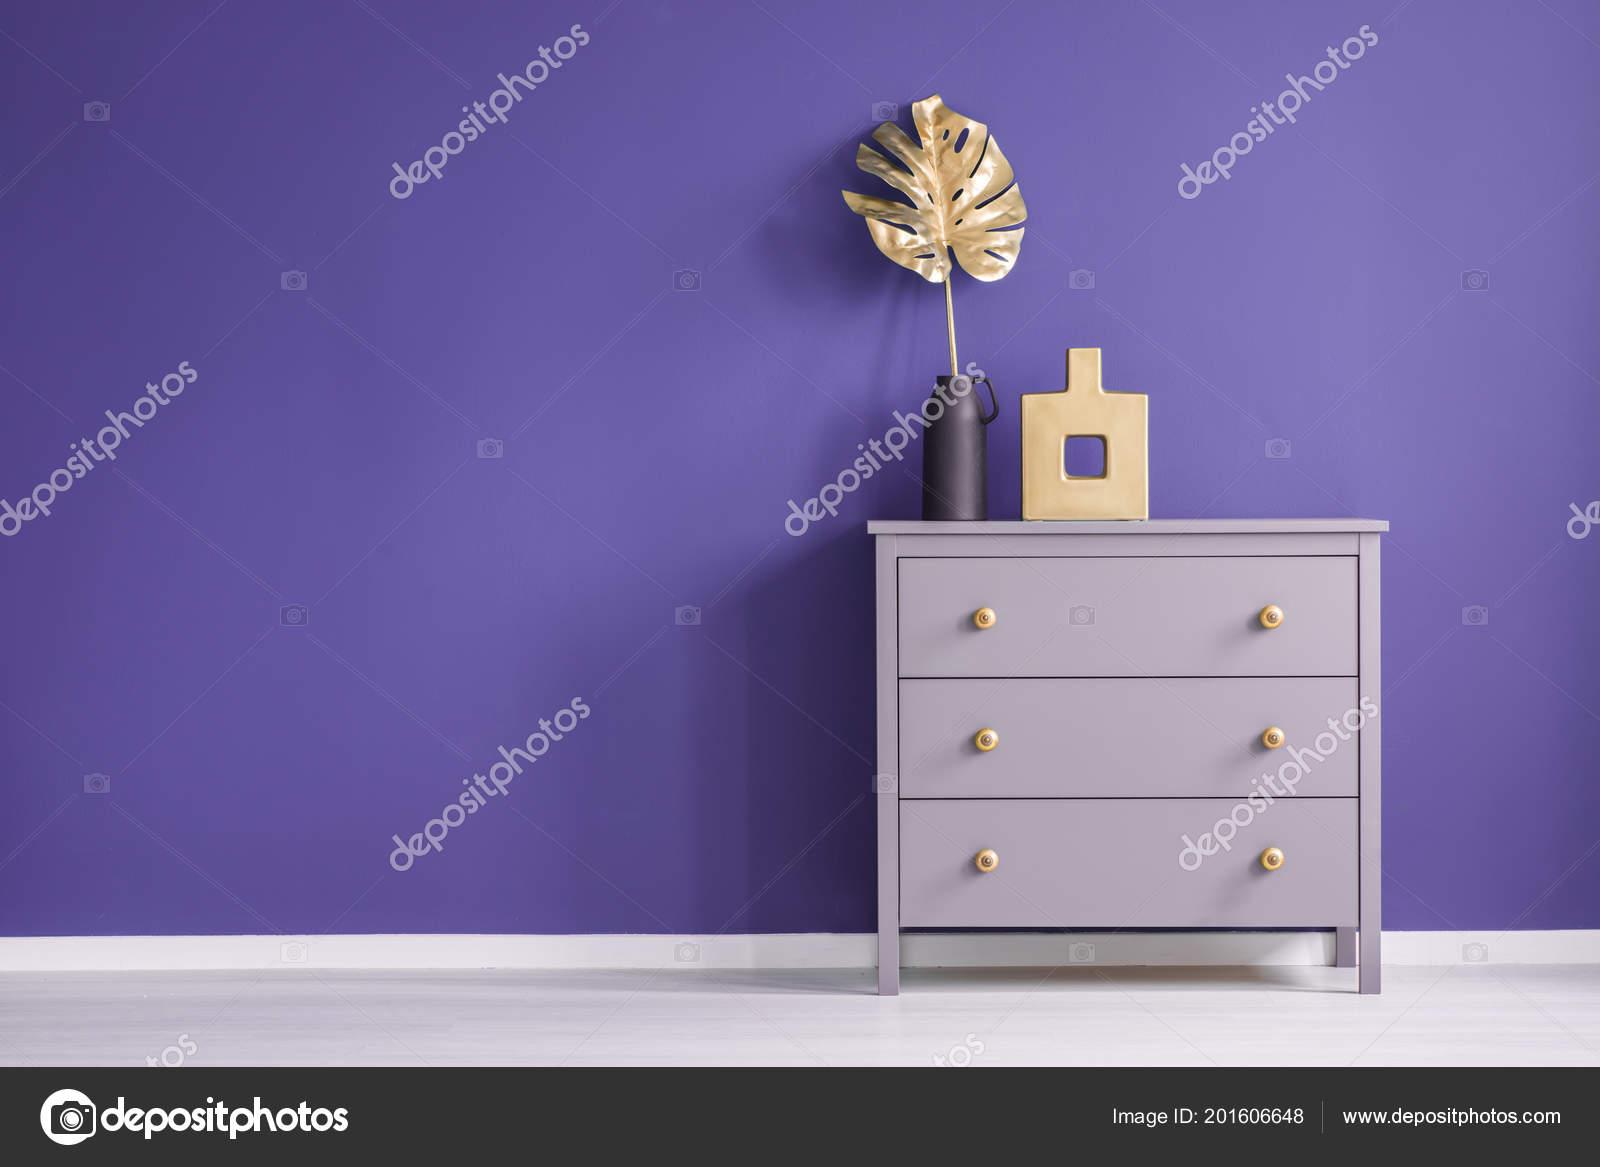 Kommode Mit Goldenen Knopfen Vasen Und Blatt Gesetzt Auf Eine